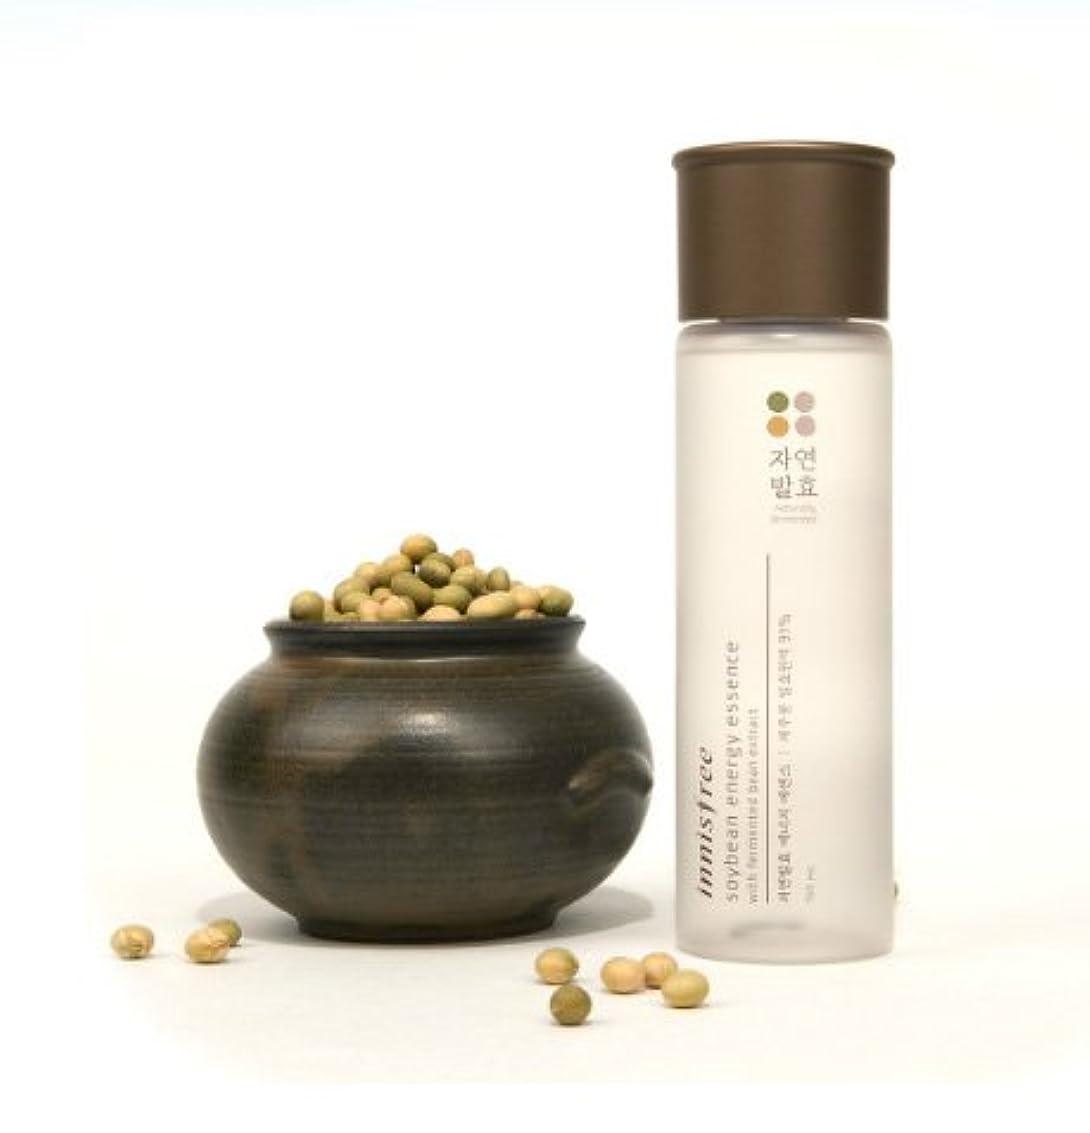 抽象化サラダ送金(Innisfree イニスフリー) Soybean energy essence 自然発酵 エナジー エッセンス 美容液 肌のバリア機能を強化し、健やかでパワーあふれる肌へ導くトータルケアブースター美容液